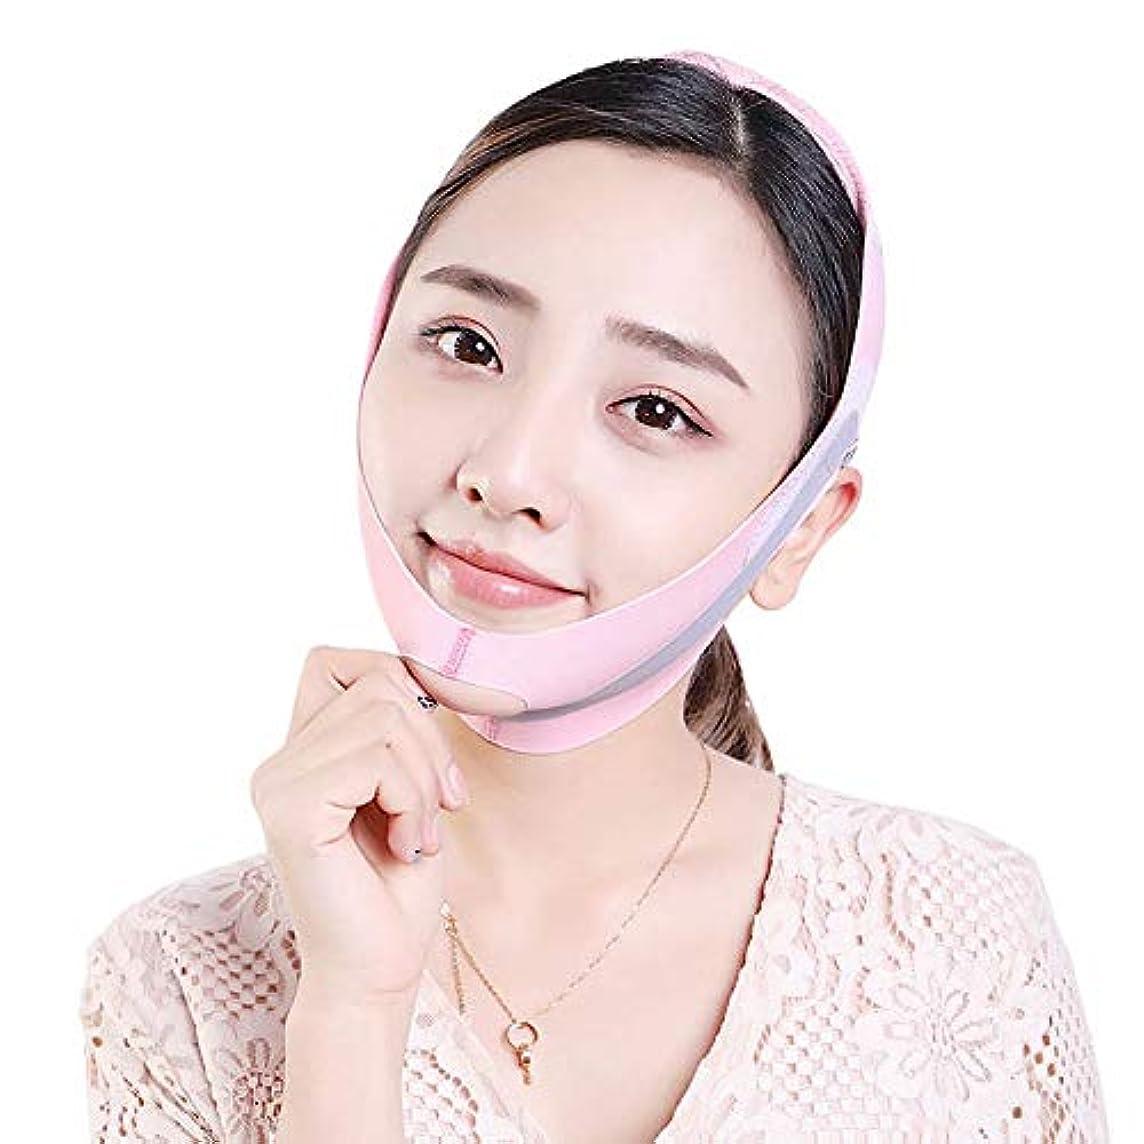 正確なチャット体操選手GYZ たるみを防ぐために顔を持ち上げるために筋肉を引き締めるために二重あごのステッカーとラインを削除するために、顔を持ち上げるアーティファクト包帯があります - ピンク Thin Face Belt